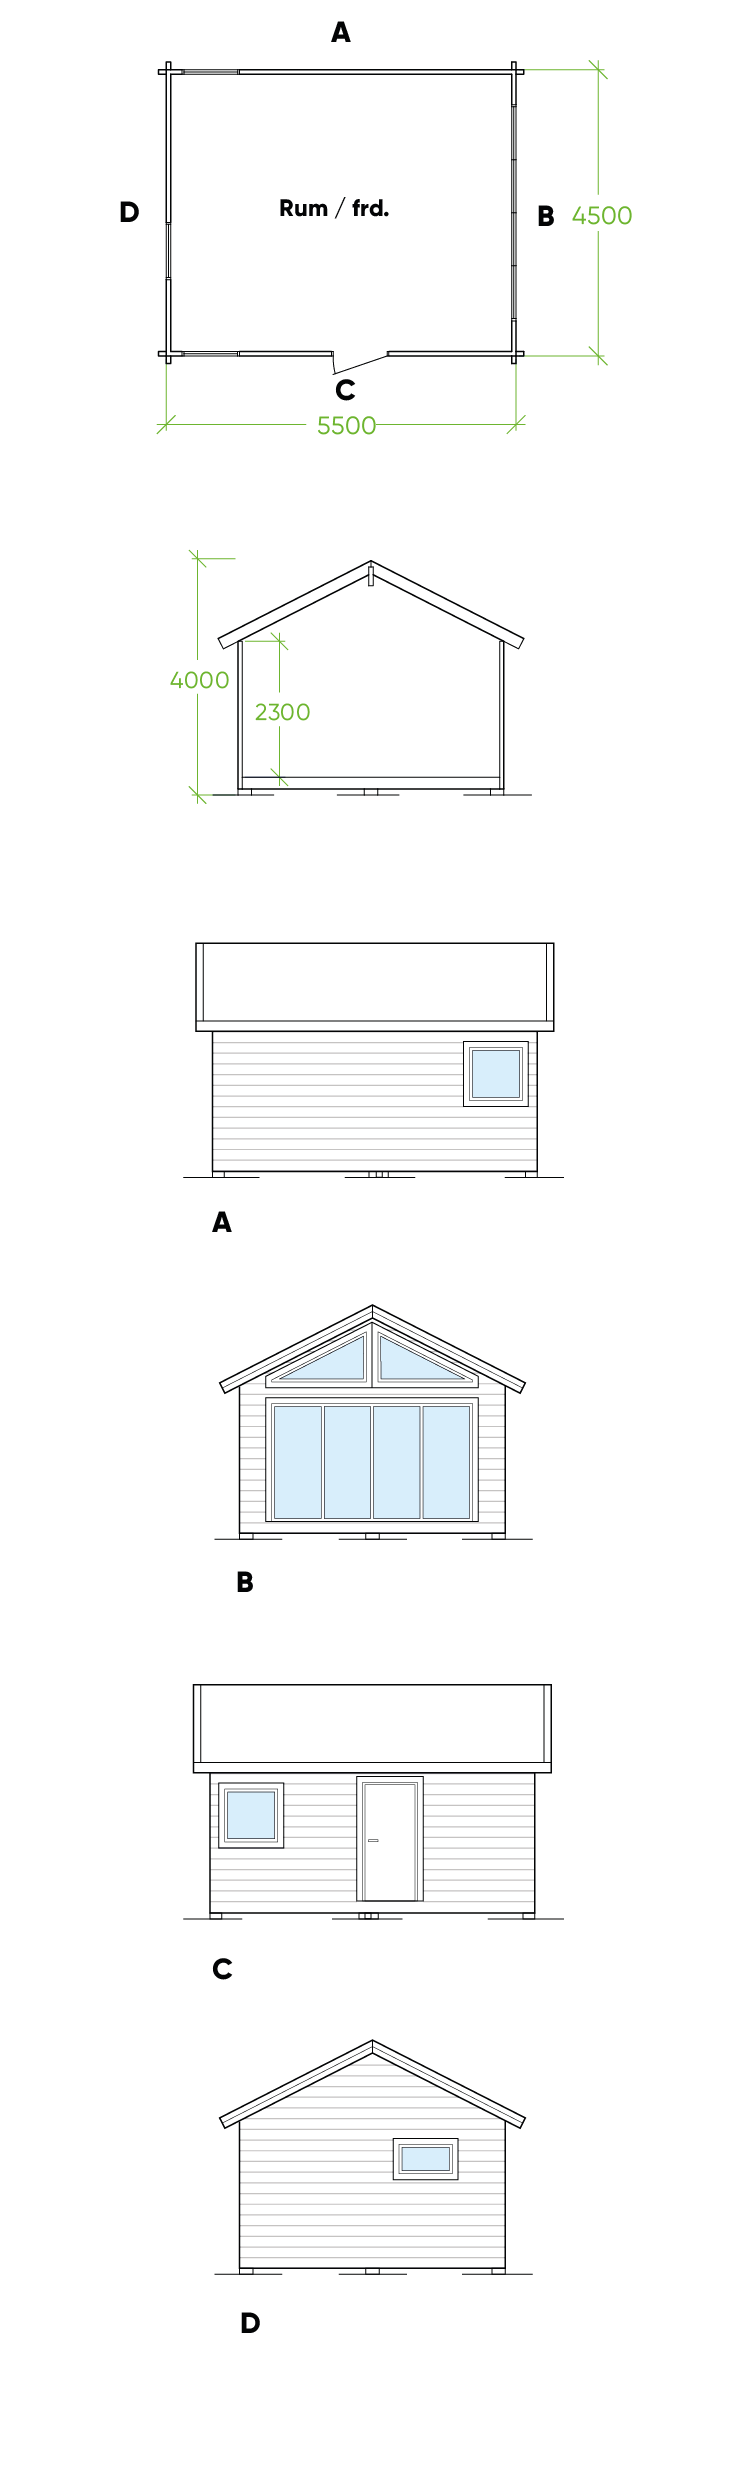 PLANRITNING-Bygg-och-trä-Innansjön-e1522216574187